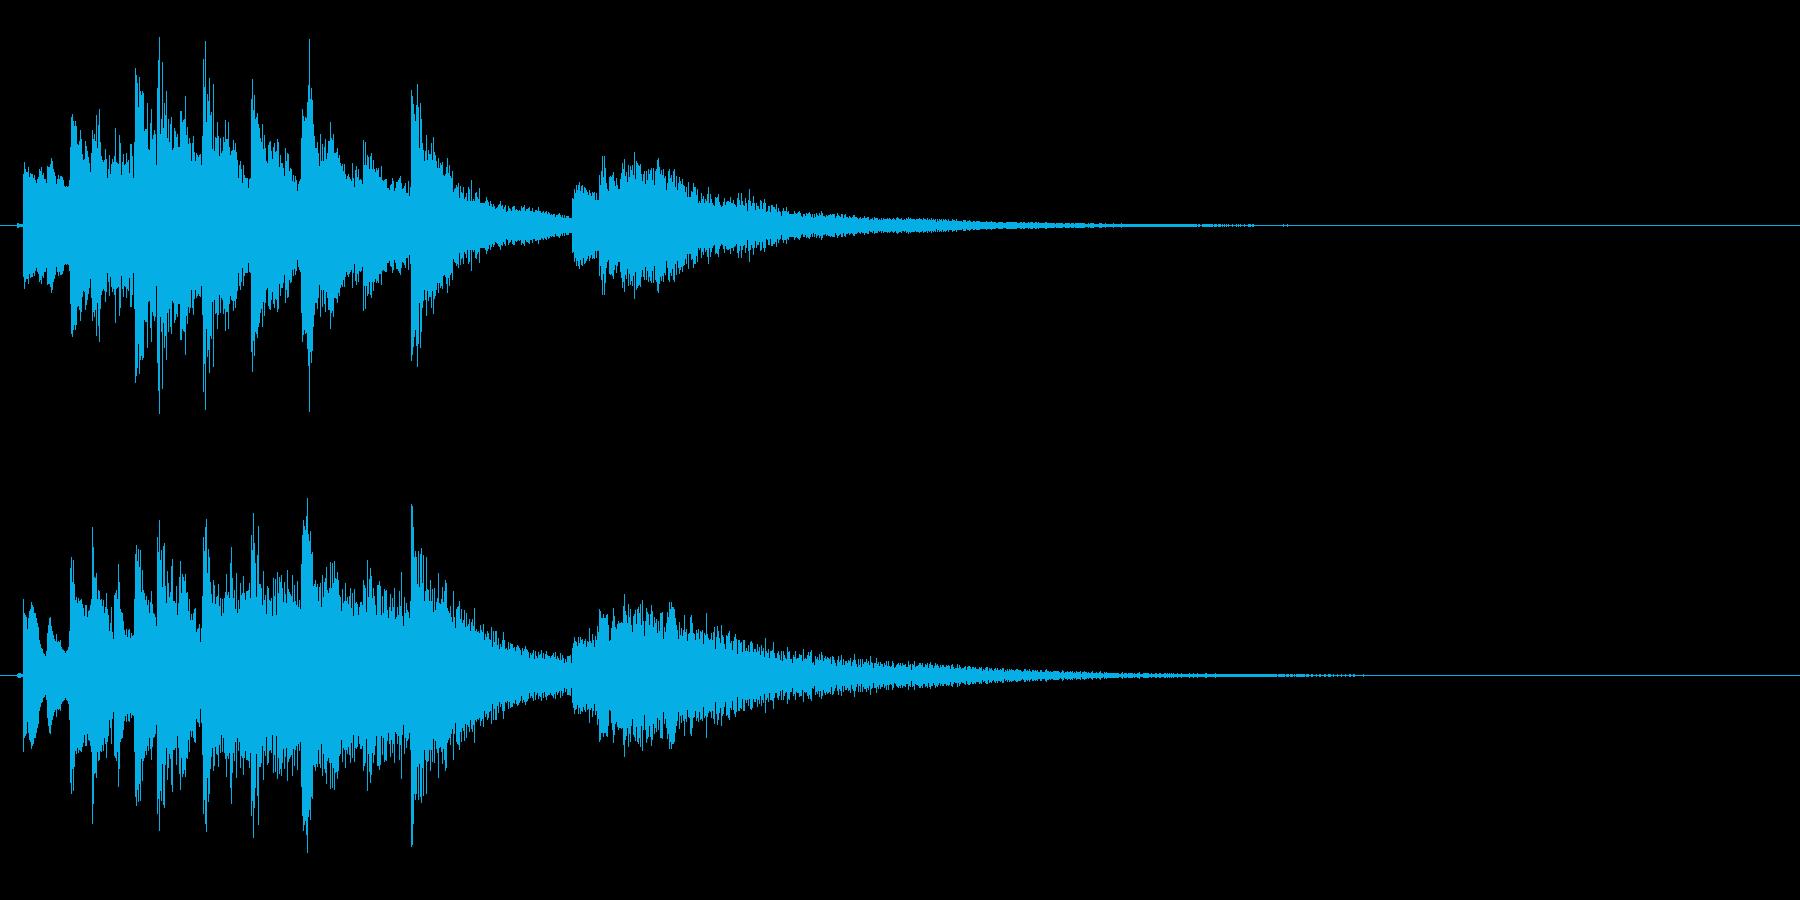 琴のフレーズ4☆調律1☆リバーブ有の再生済みの波形